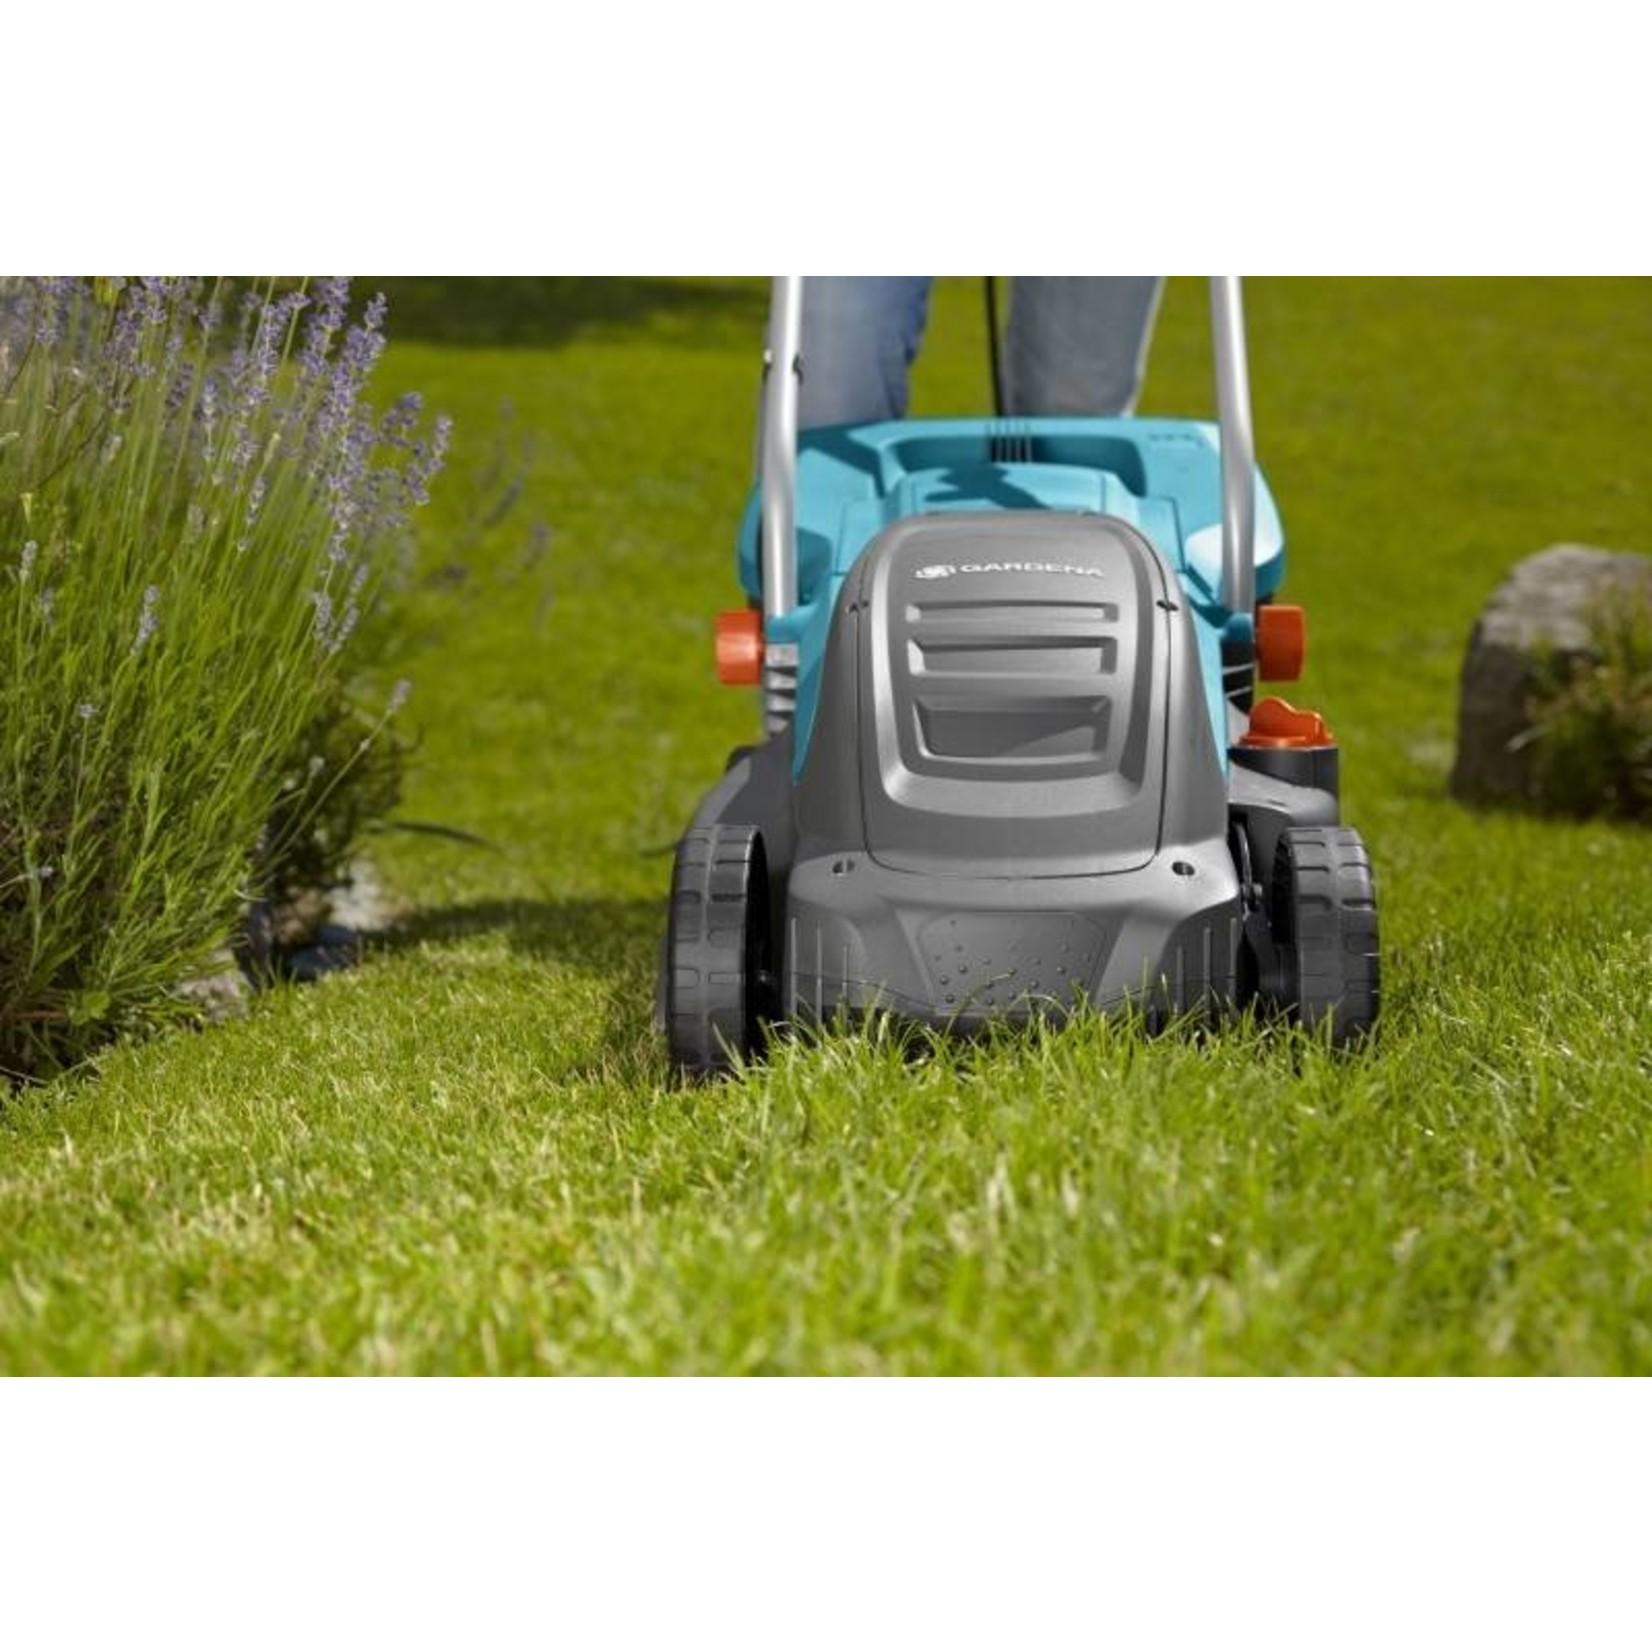 Gardena Gardena Elektrische grasmaaier powermax 32 met onkruidsteker